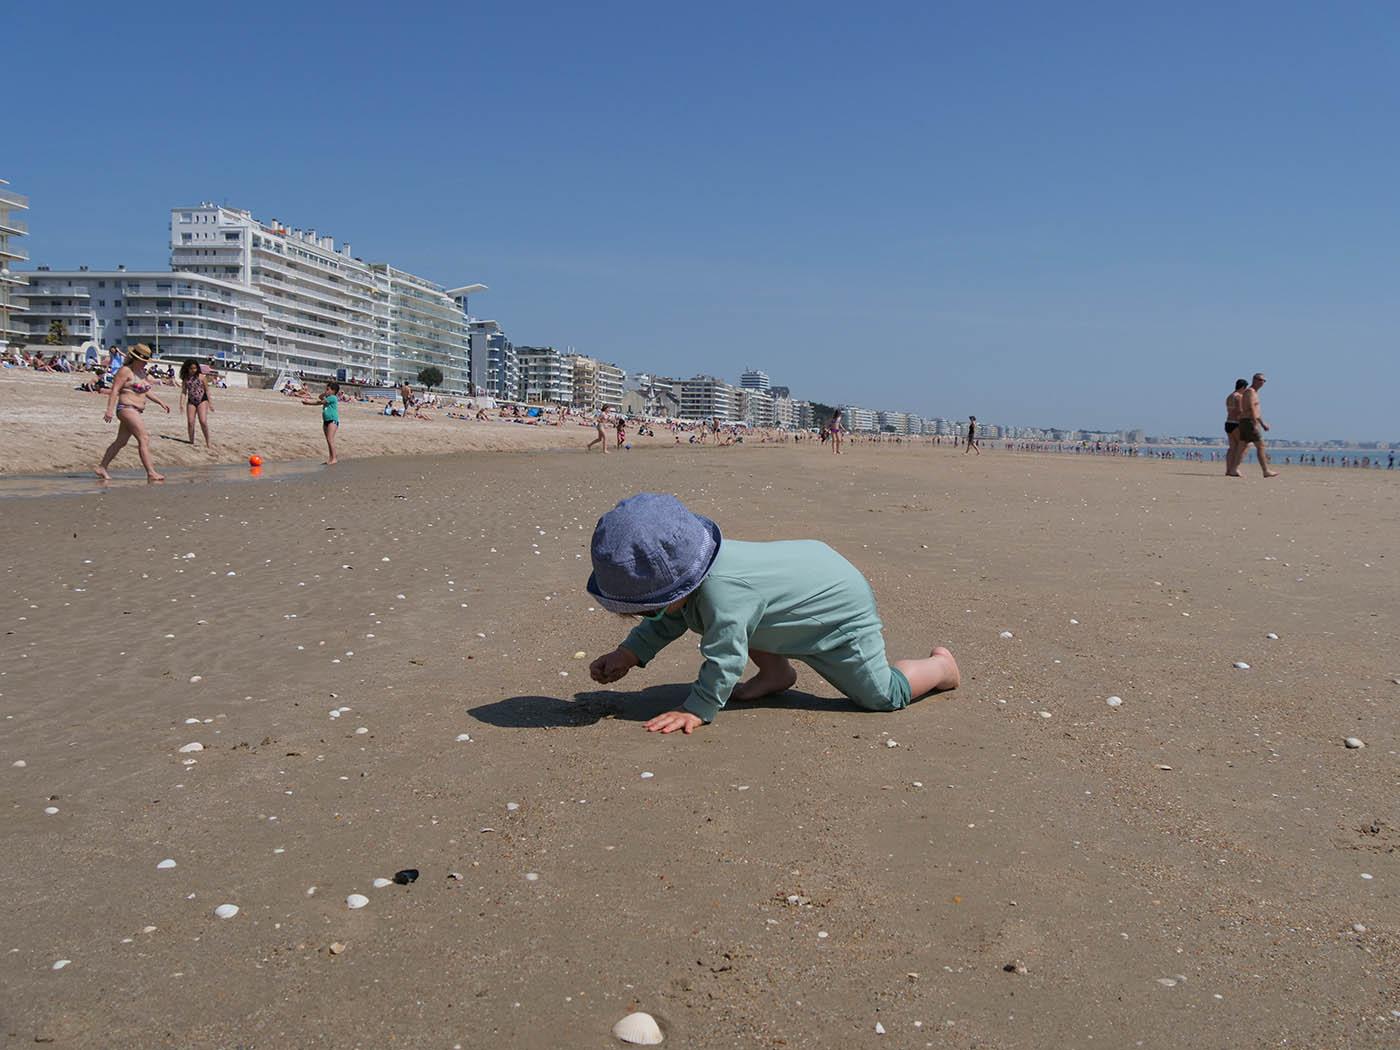 vacances à la mer avec bébé 14 mois